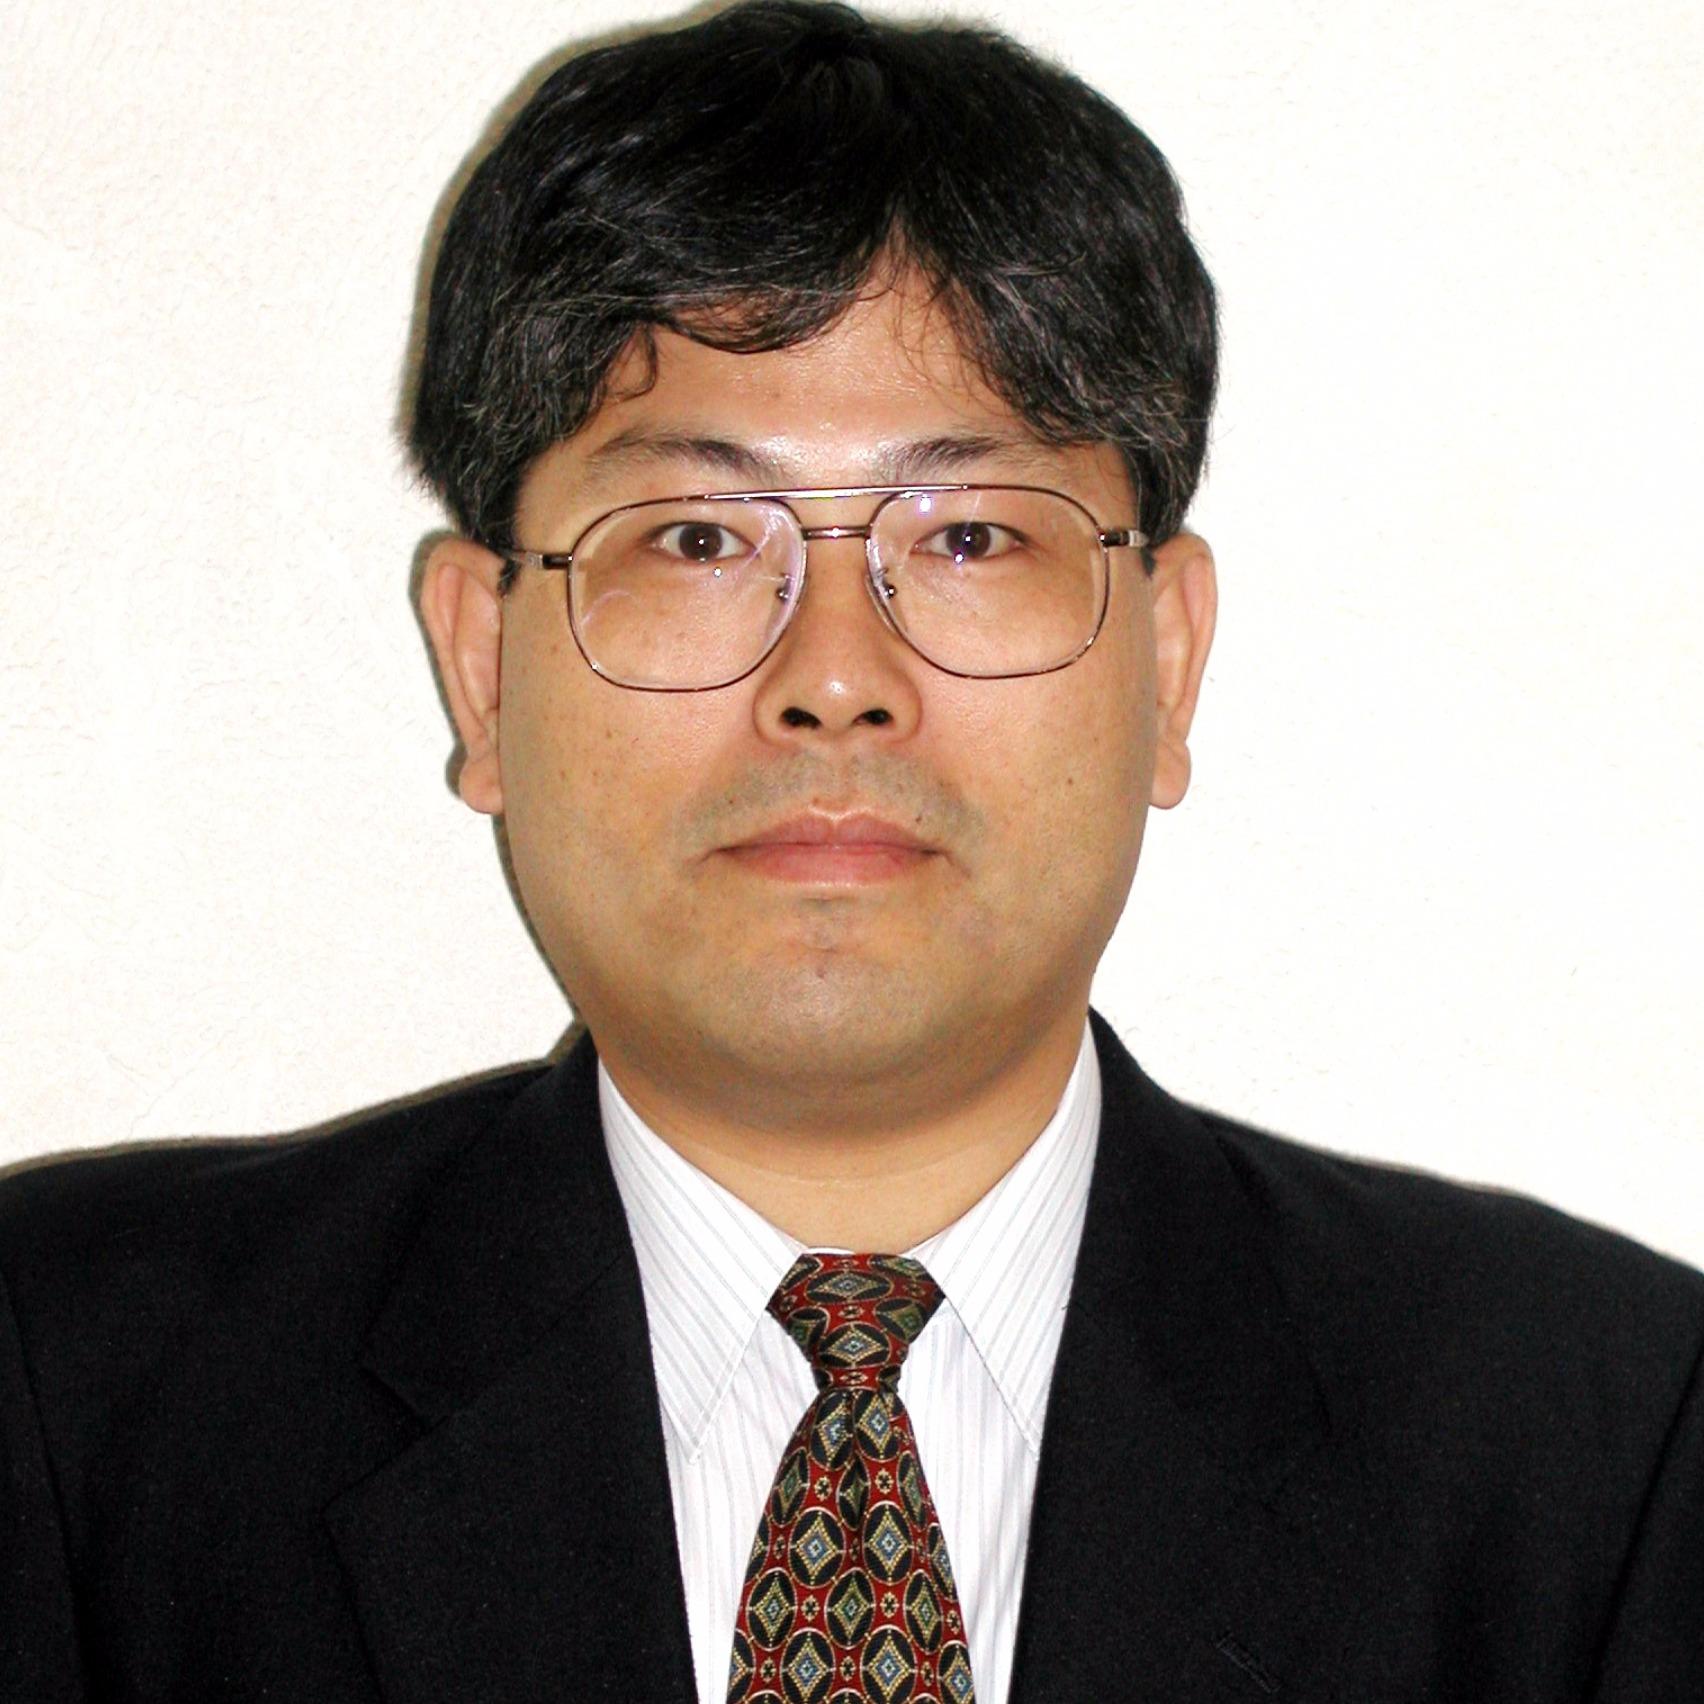 佐々木 隆志 Takashi SASAKI